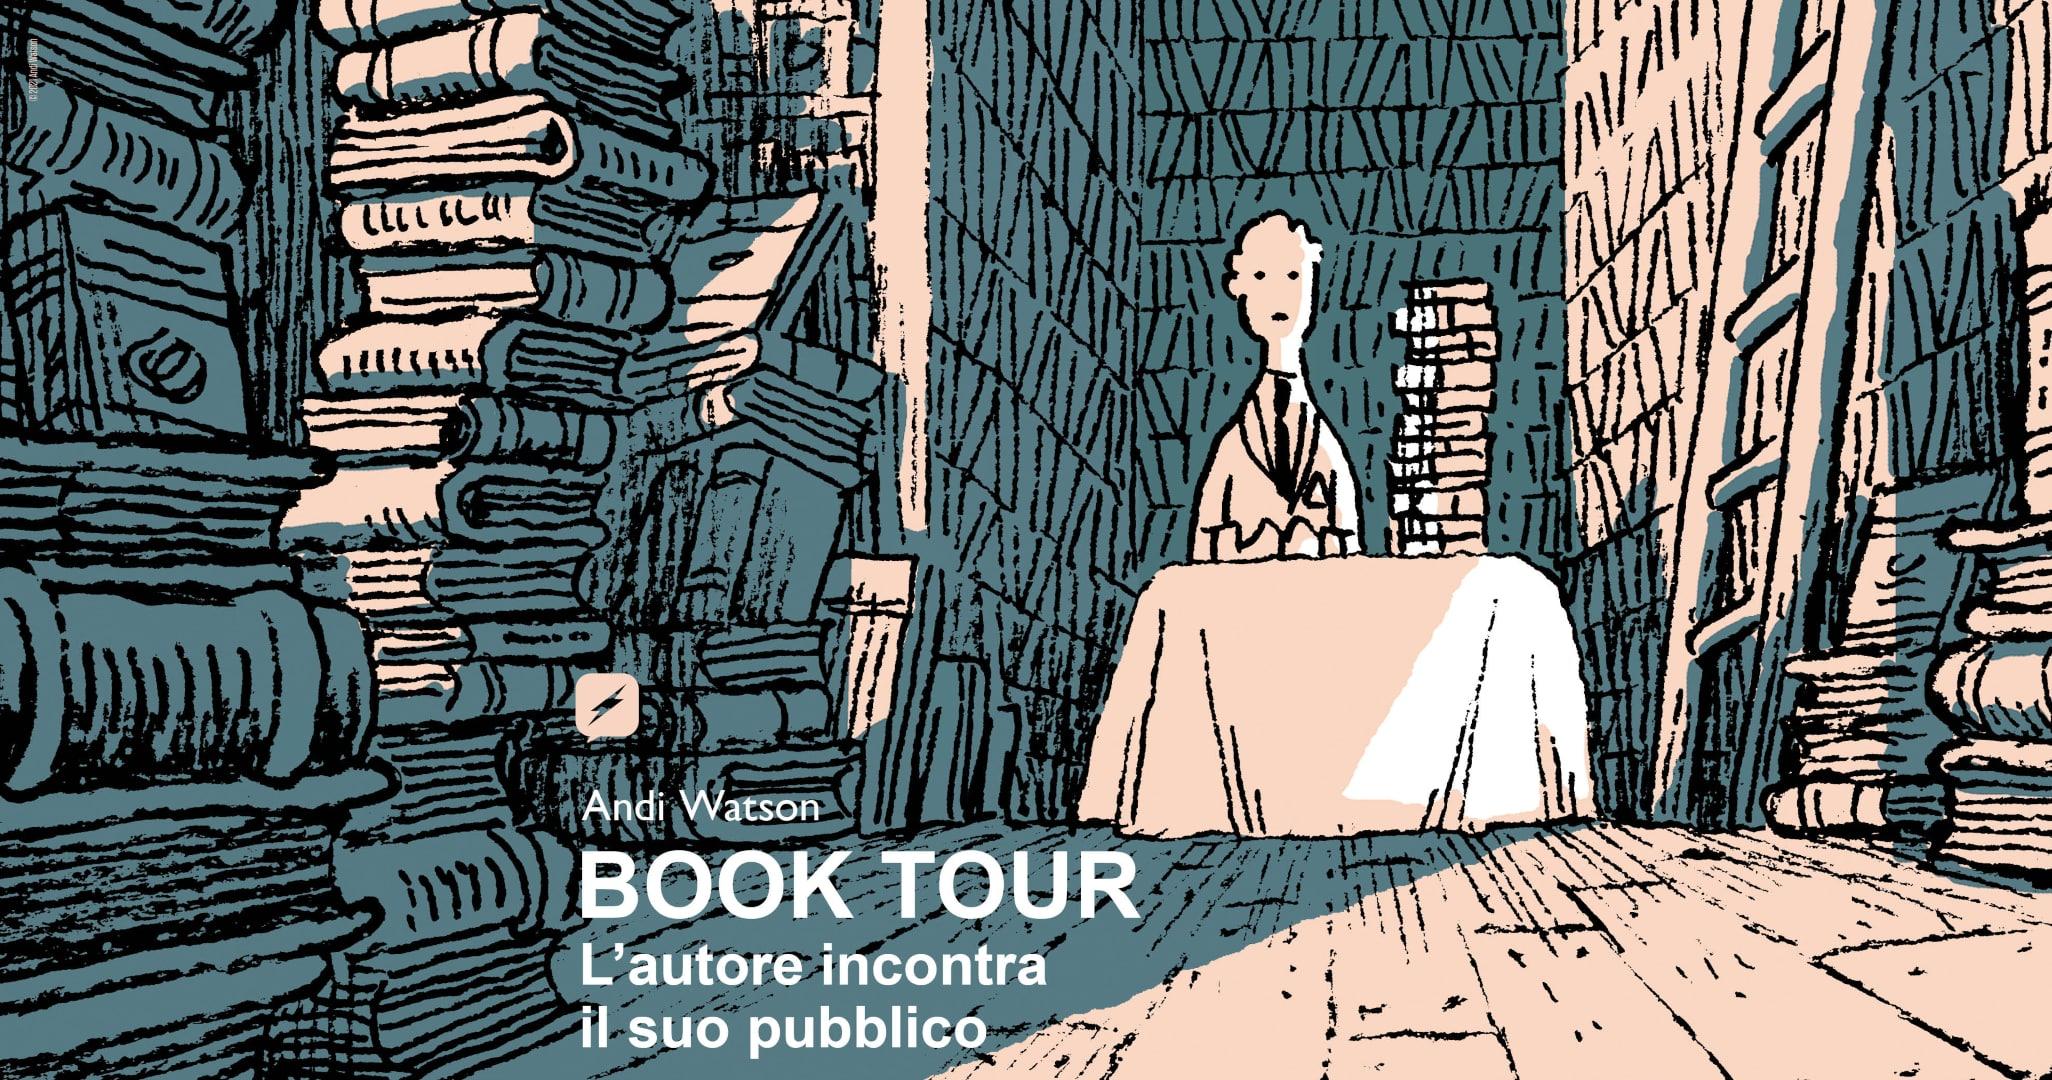 Book Tour Andi Watson